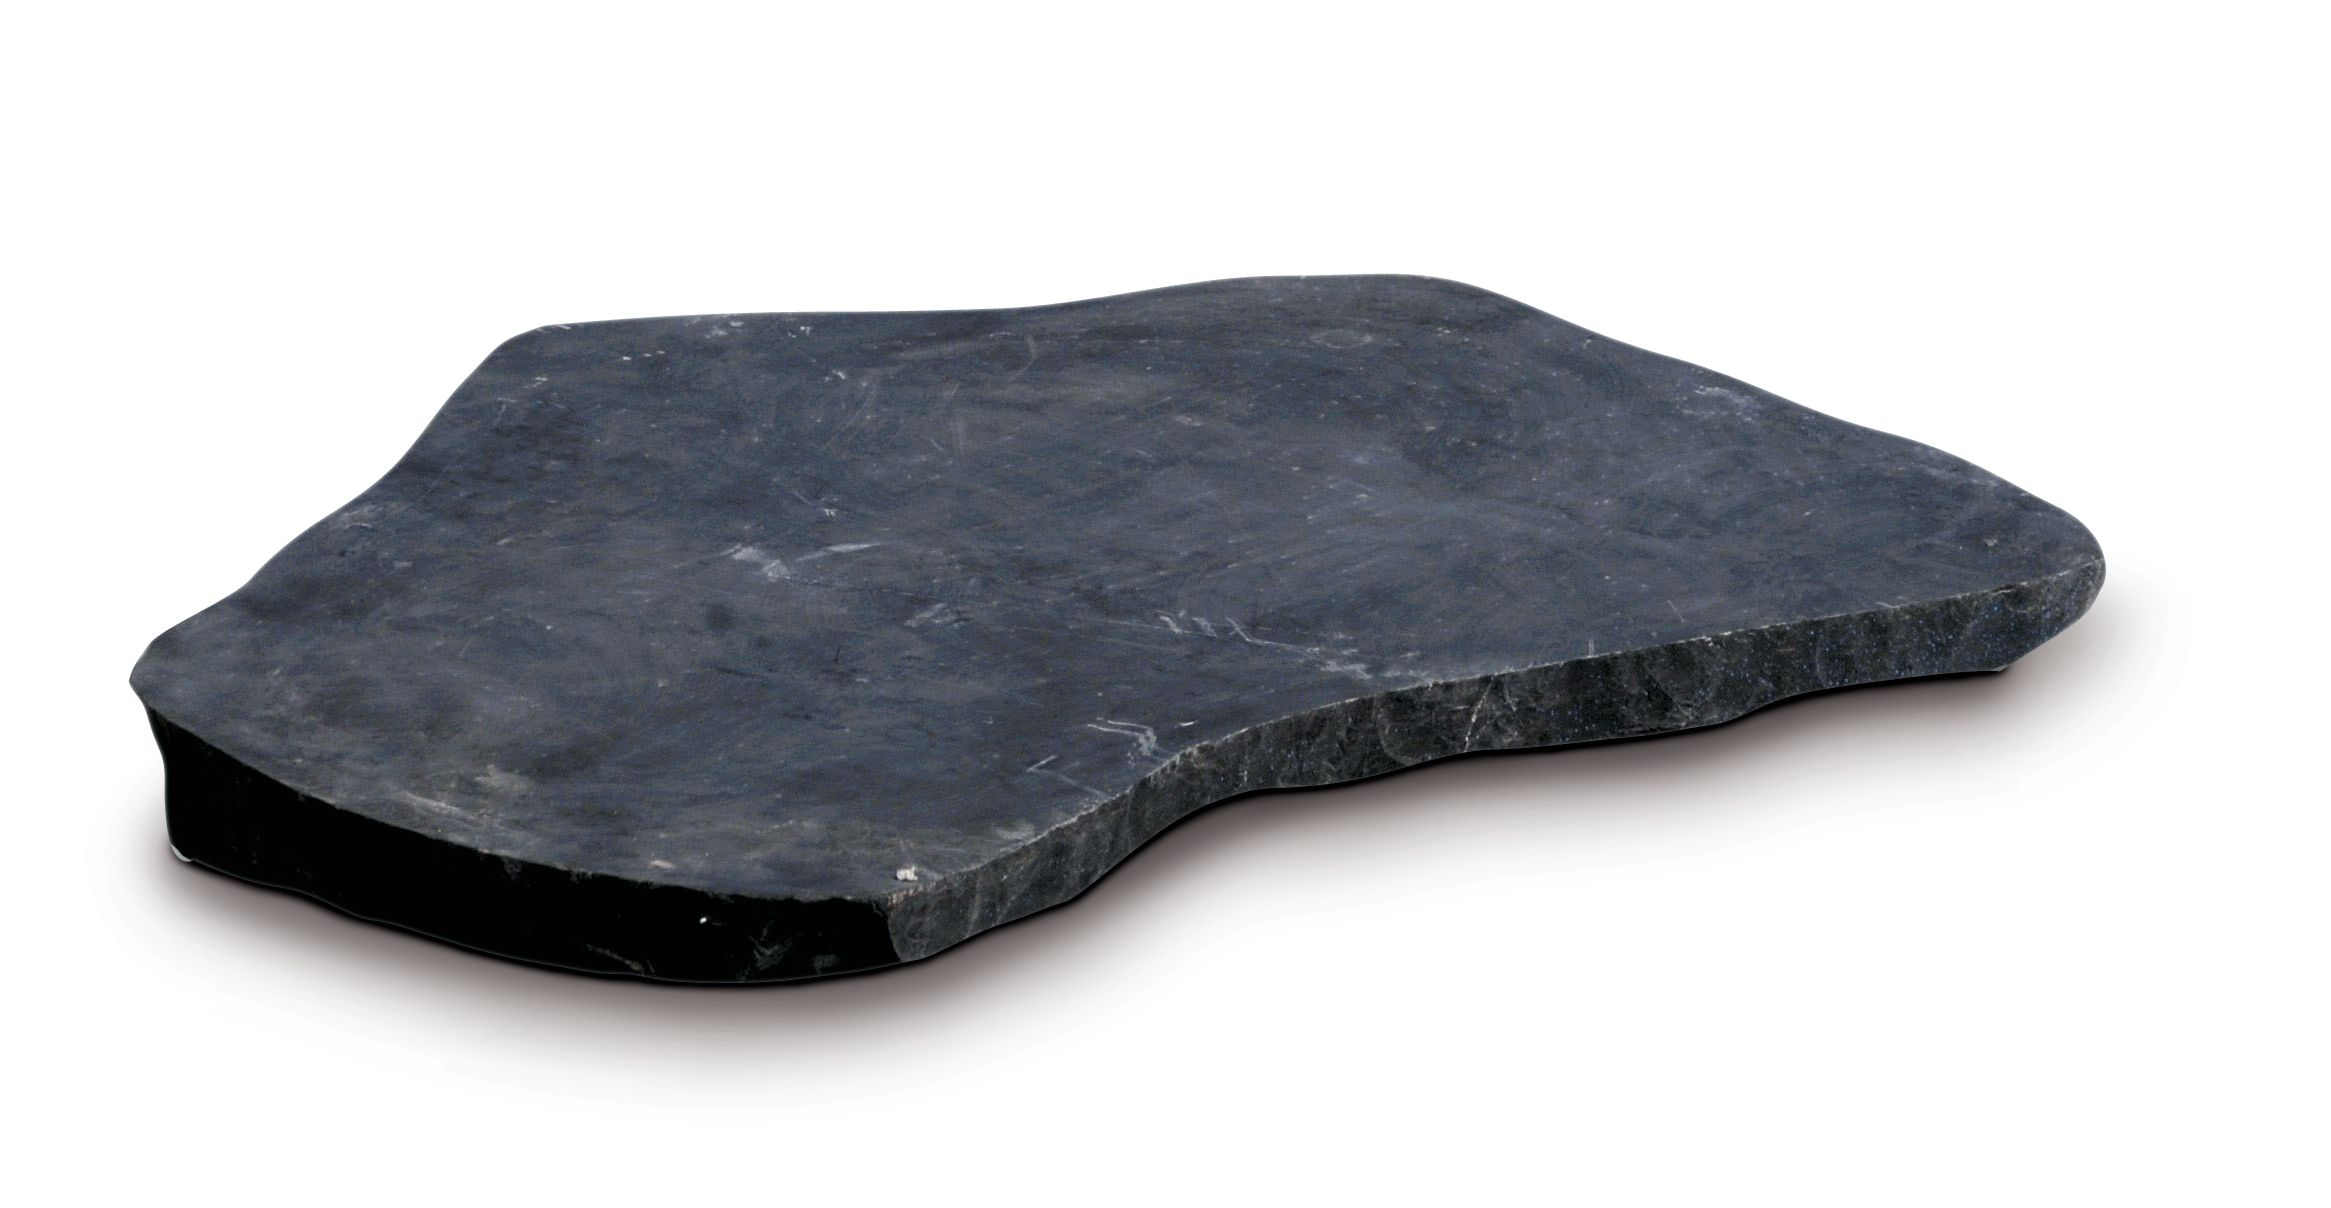 Trittsteinplatte polygonal, schwarz